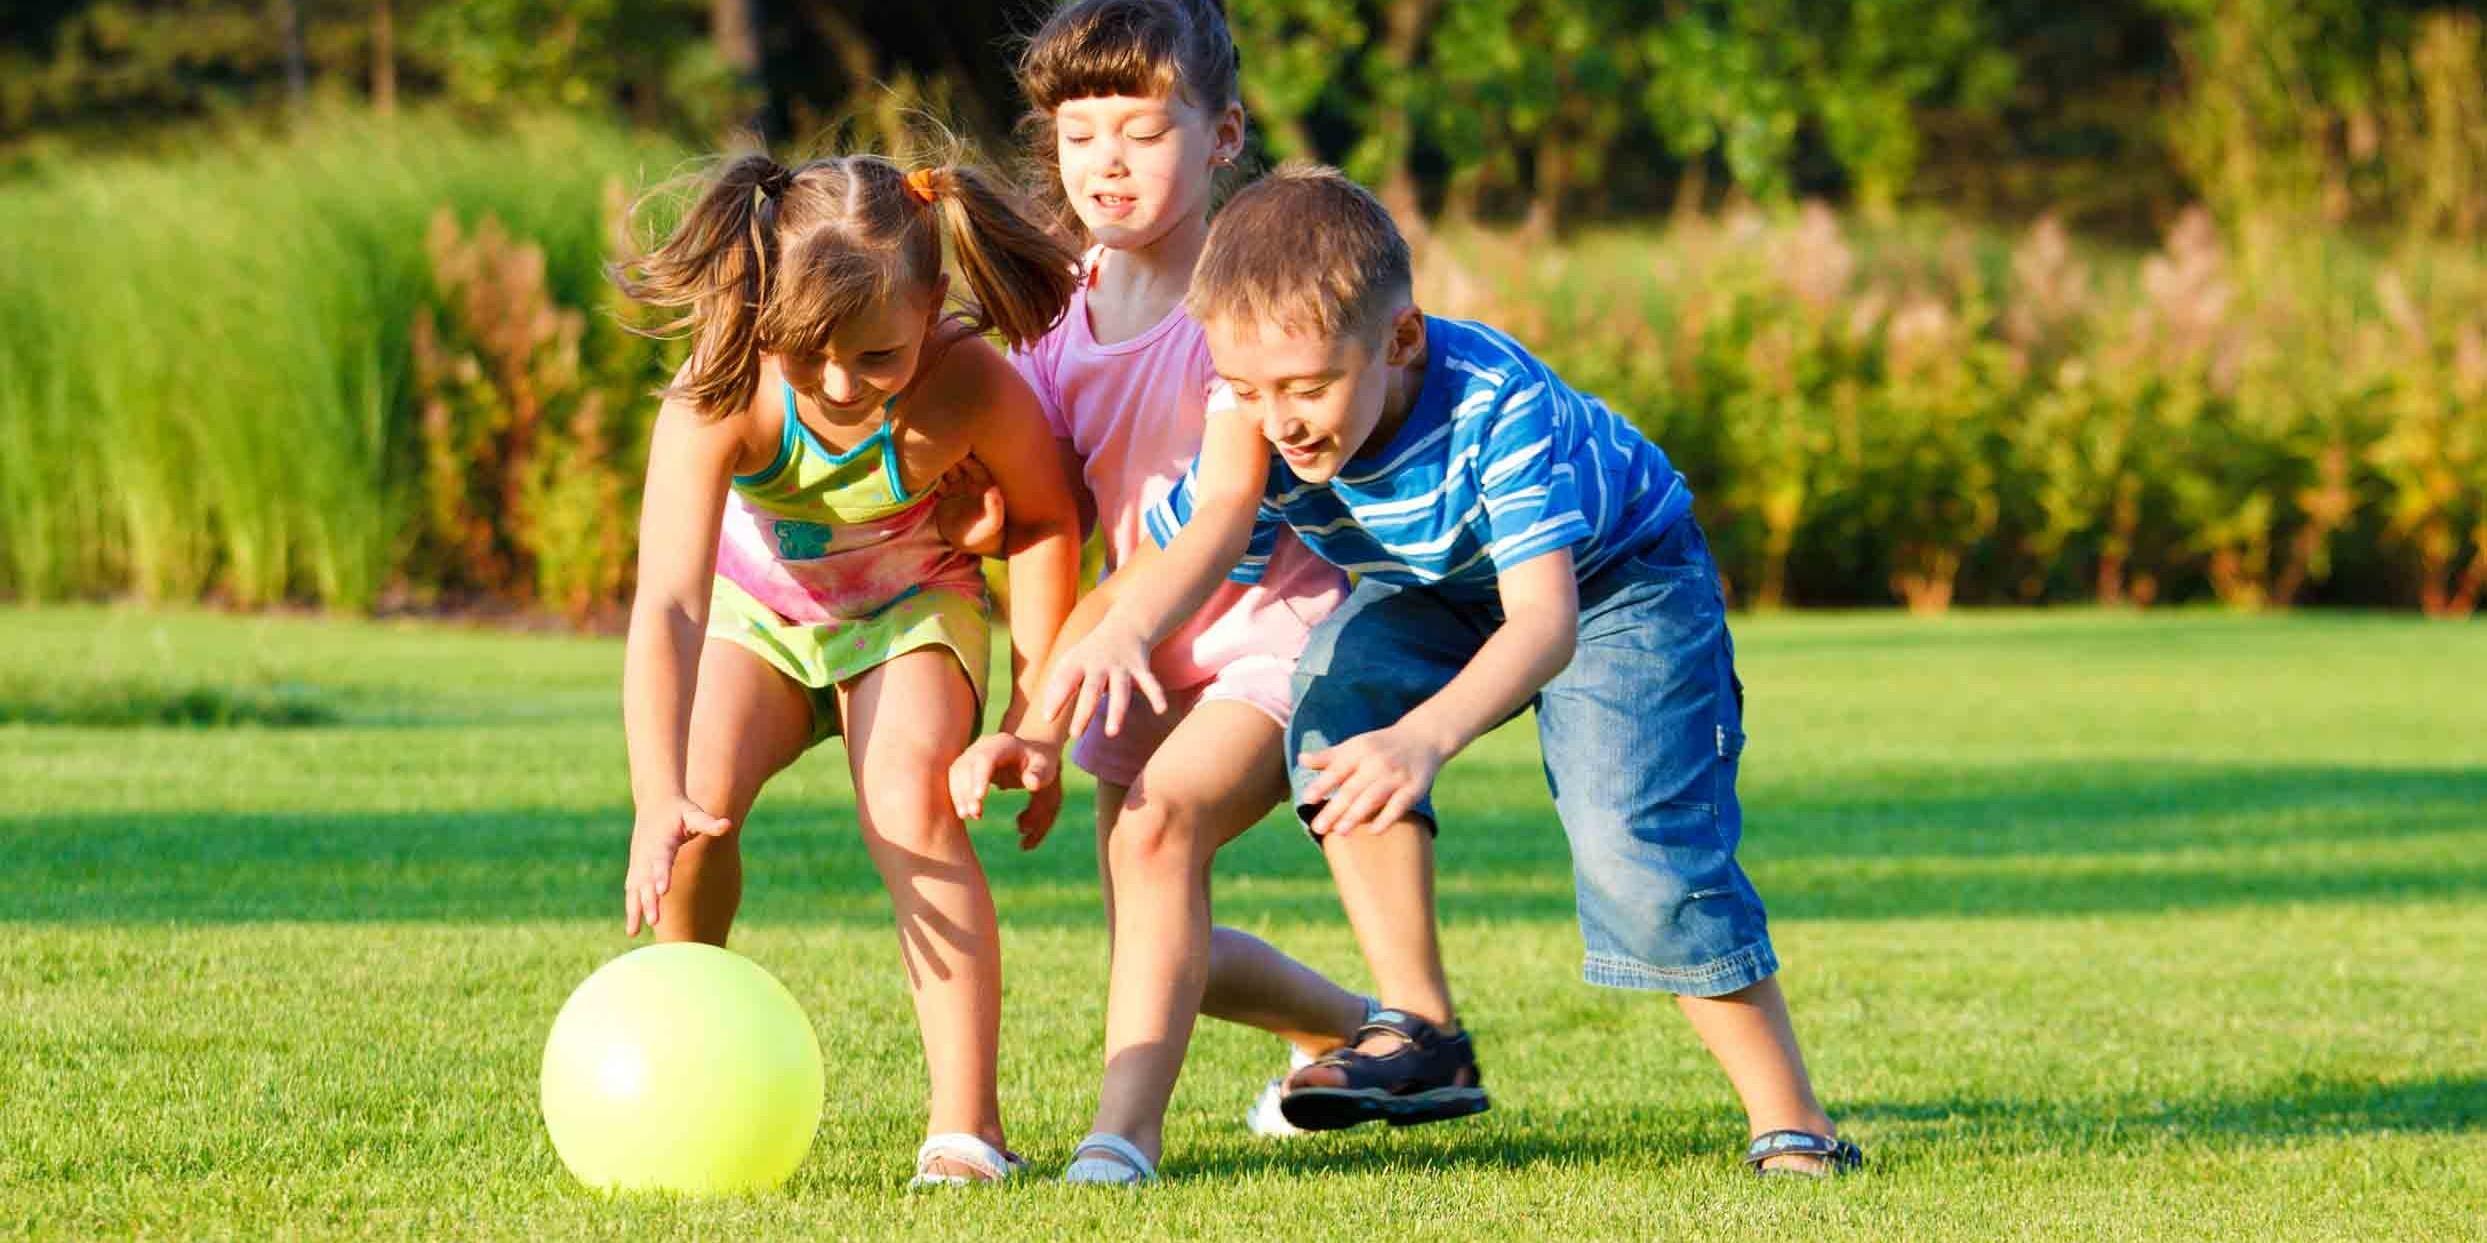 Çocuklardaki Duruş Bozuklukları Nasıl Düzeltilir? - 2